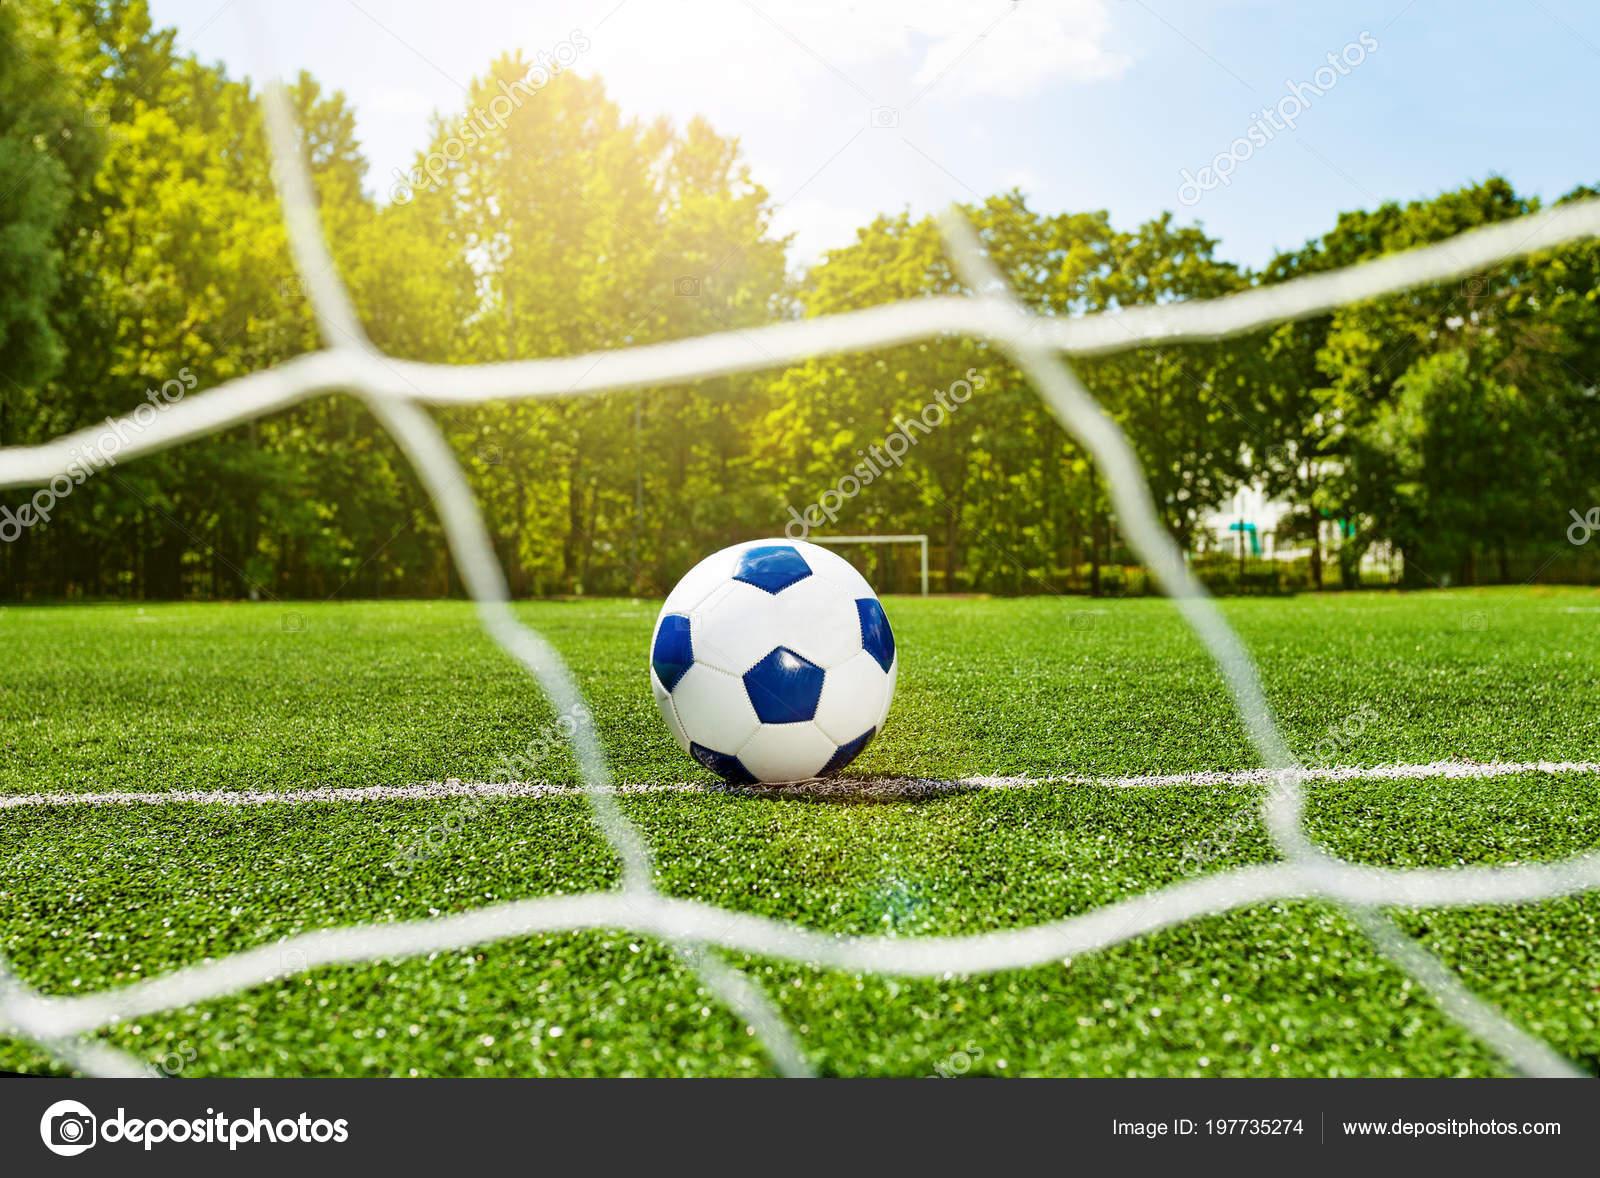 Tappeti Per Bambini Campo Da Calcio : Pallone calcio calcio bambini scuola dietro cancello netto sul campo